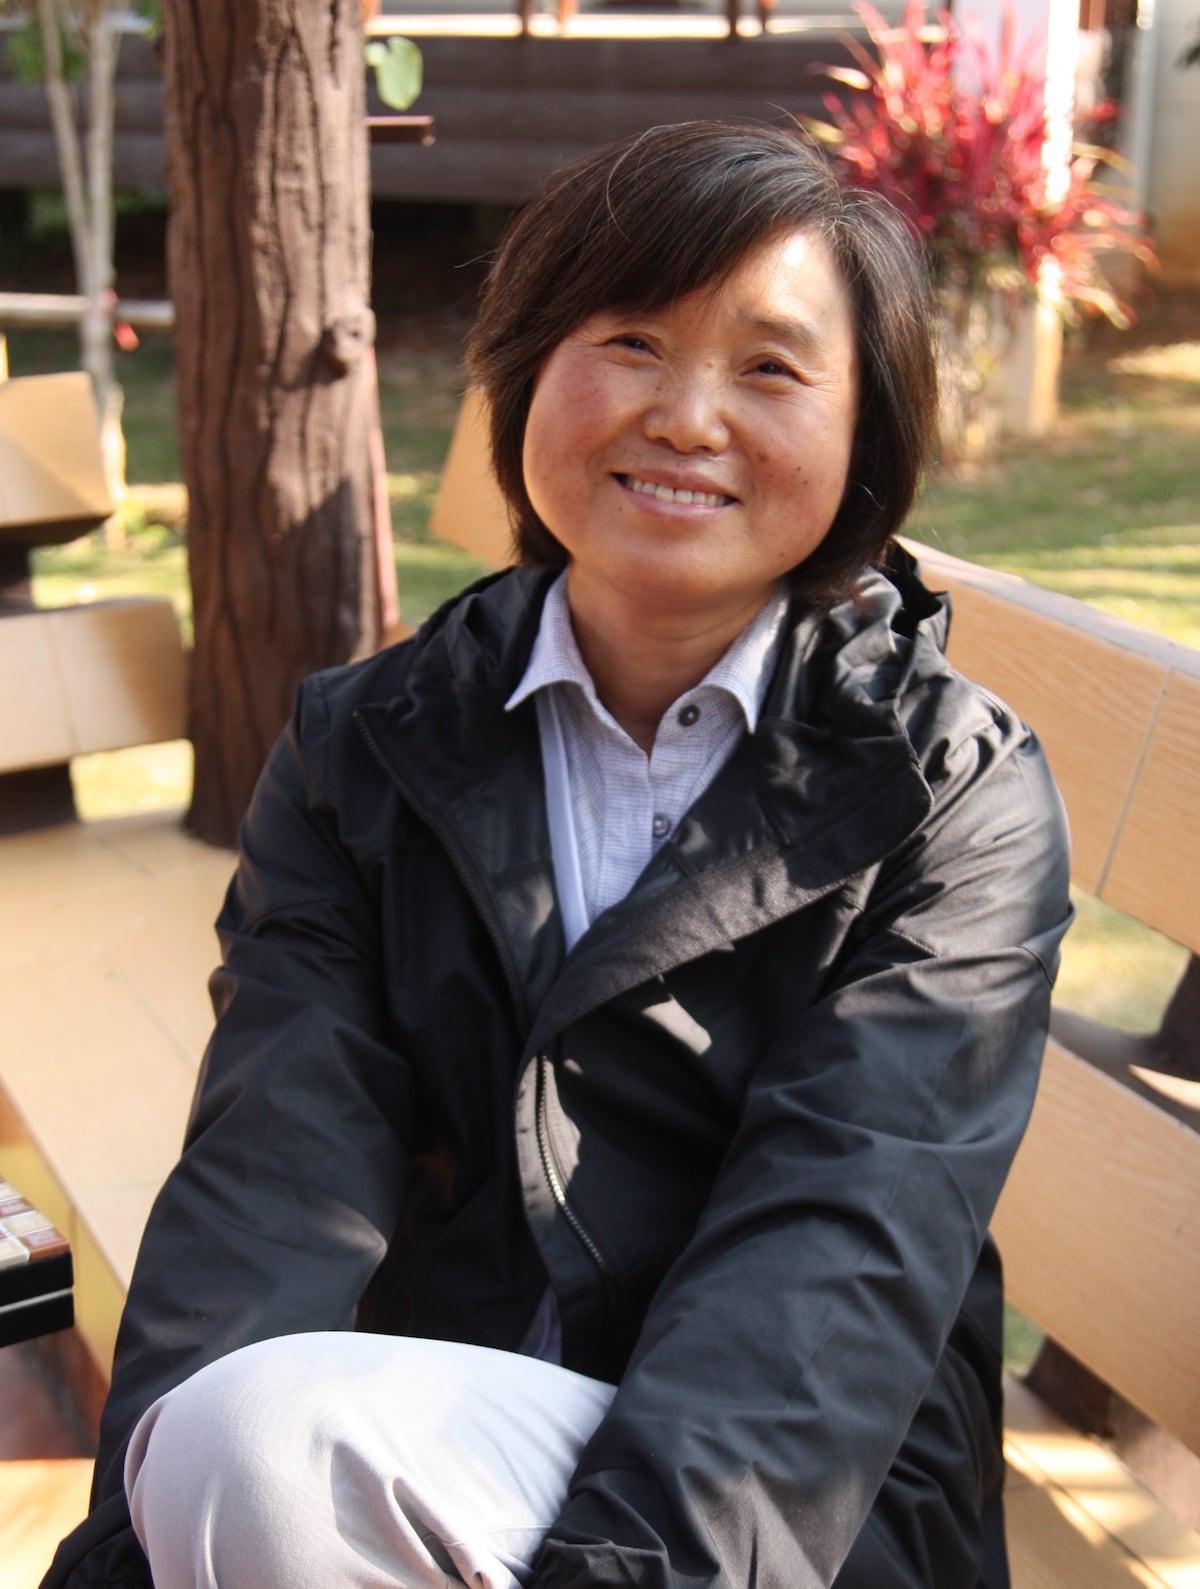 기채 (Susan) from Cockatoo